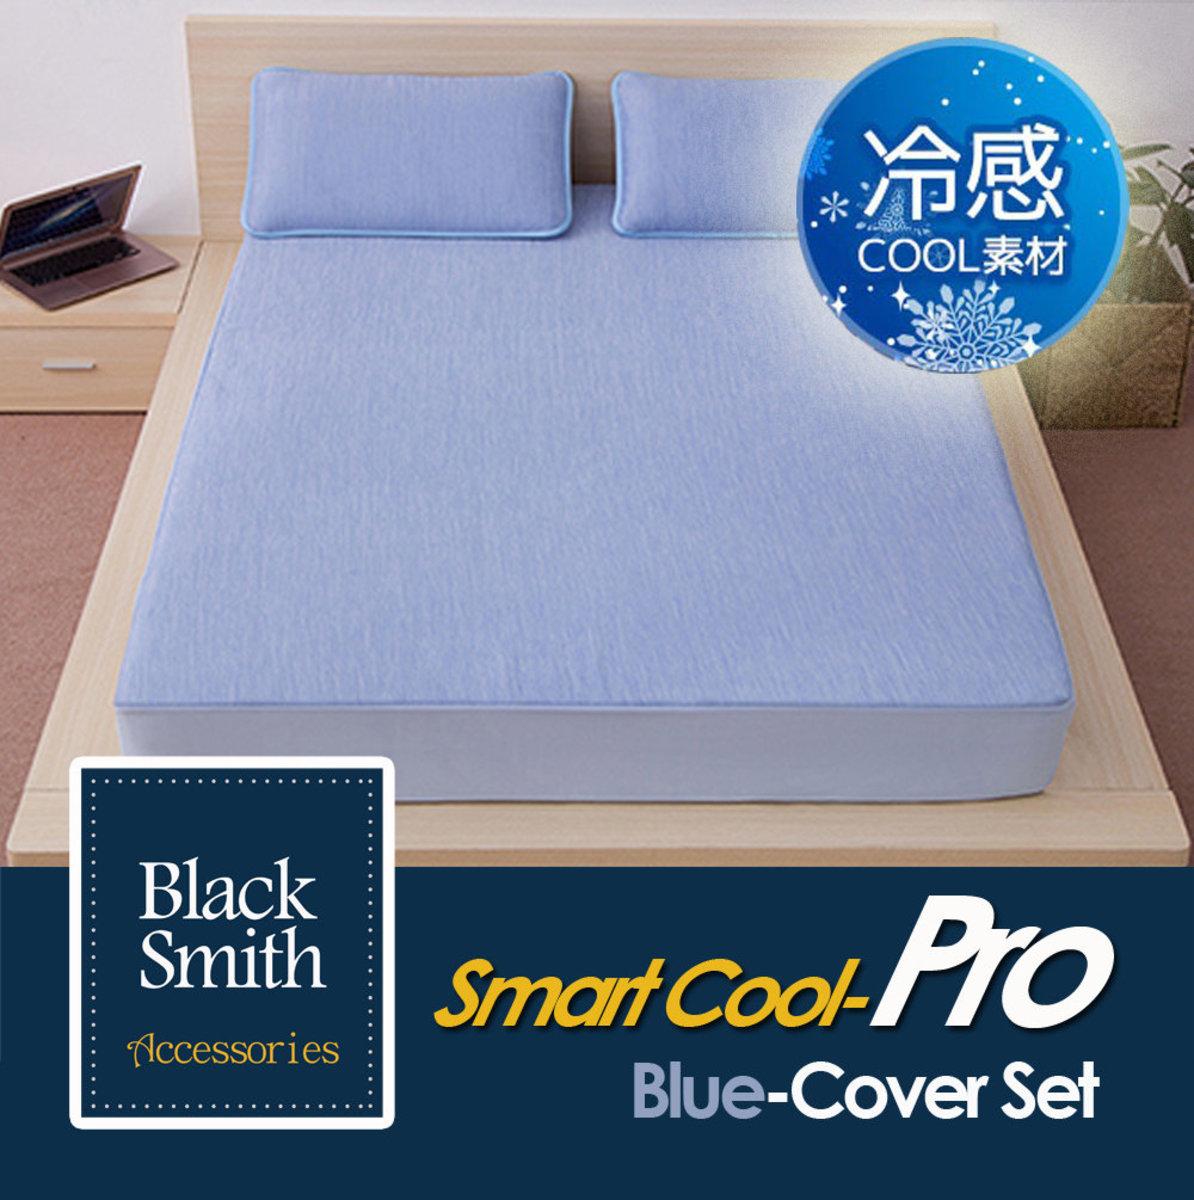 藍色-智能冷感(Pro)枕套及床笠套裝(雙人)